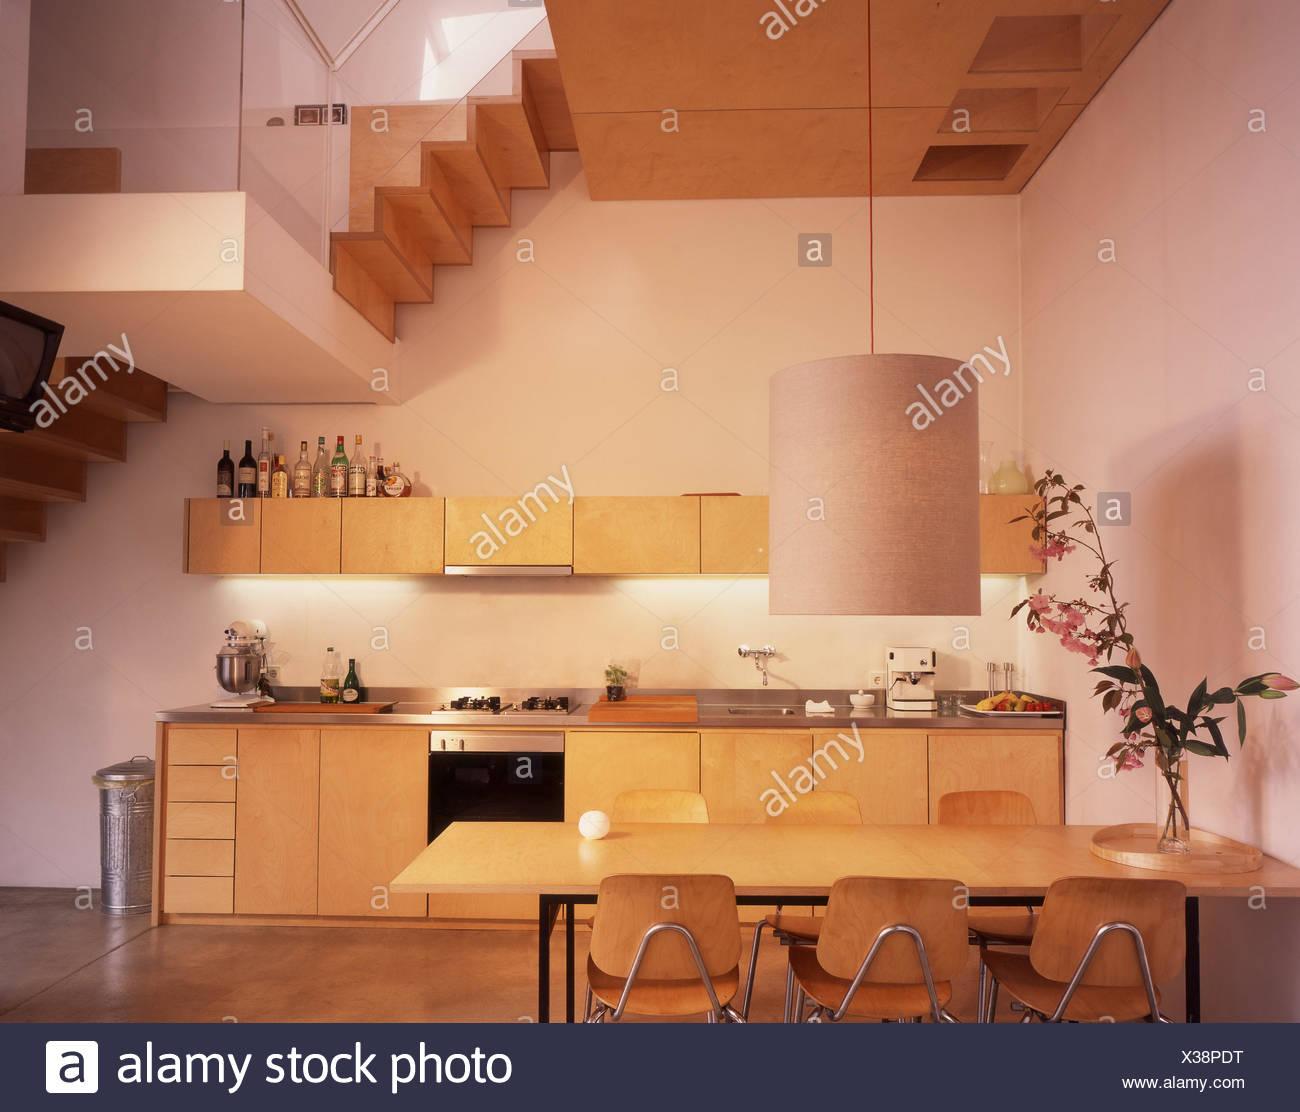 Gemütlich Diy Küche Renovierung Ideen Bilder - Ideen Für Die Küche ...